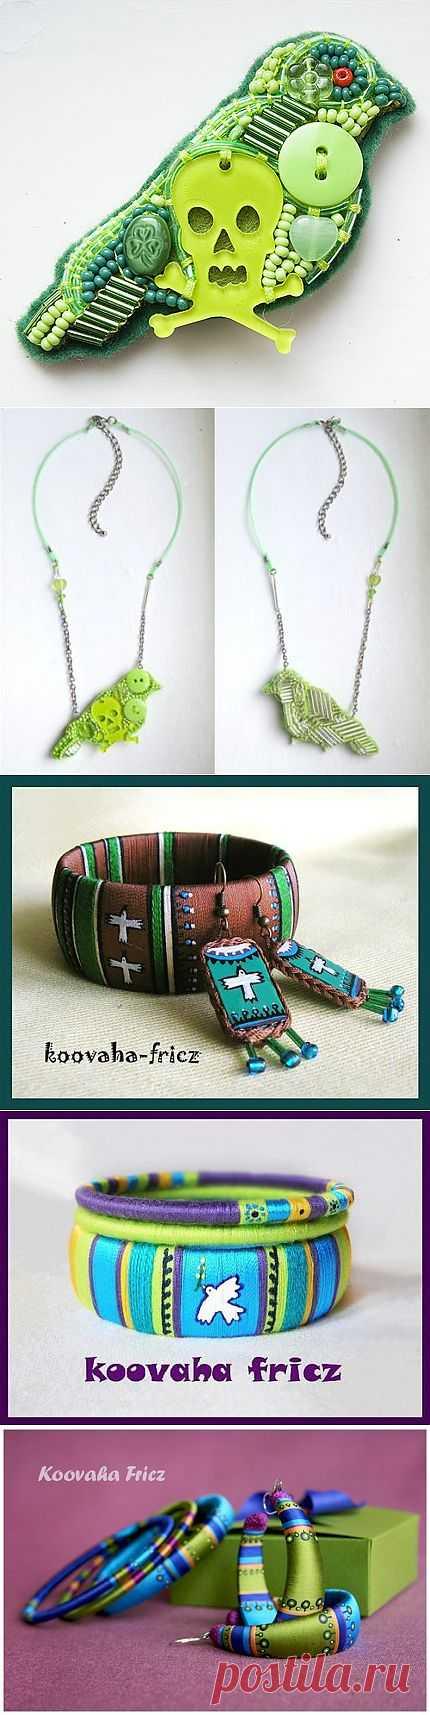 Koovaha fricz - веселые разноцветные украшения / Украшения и бижутерия / Модный сайт о стильной переделке одежды и интерьера